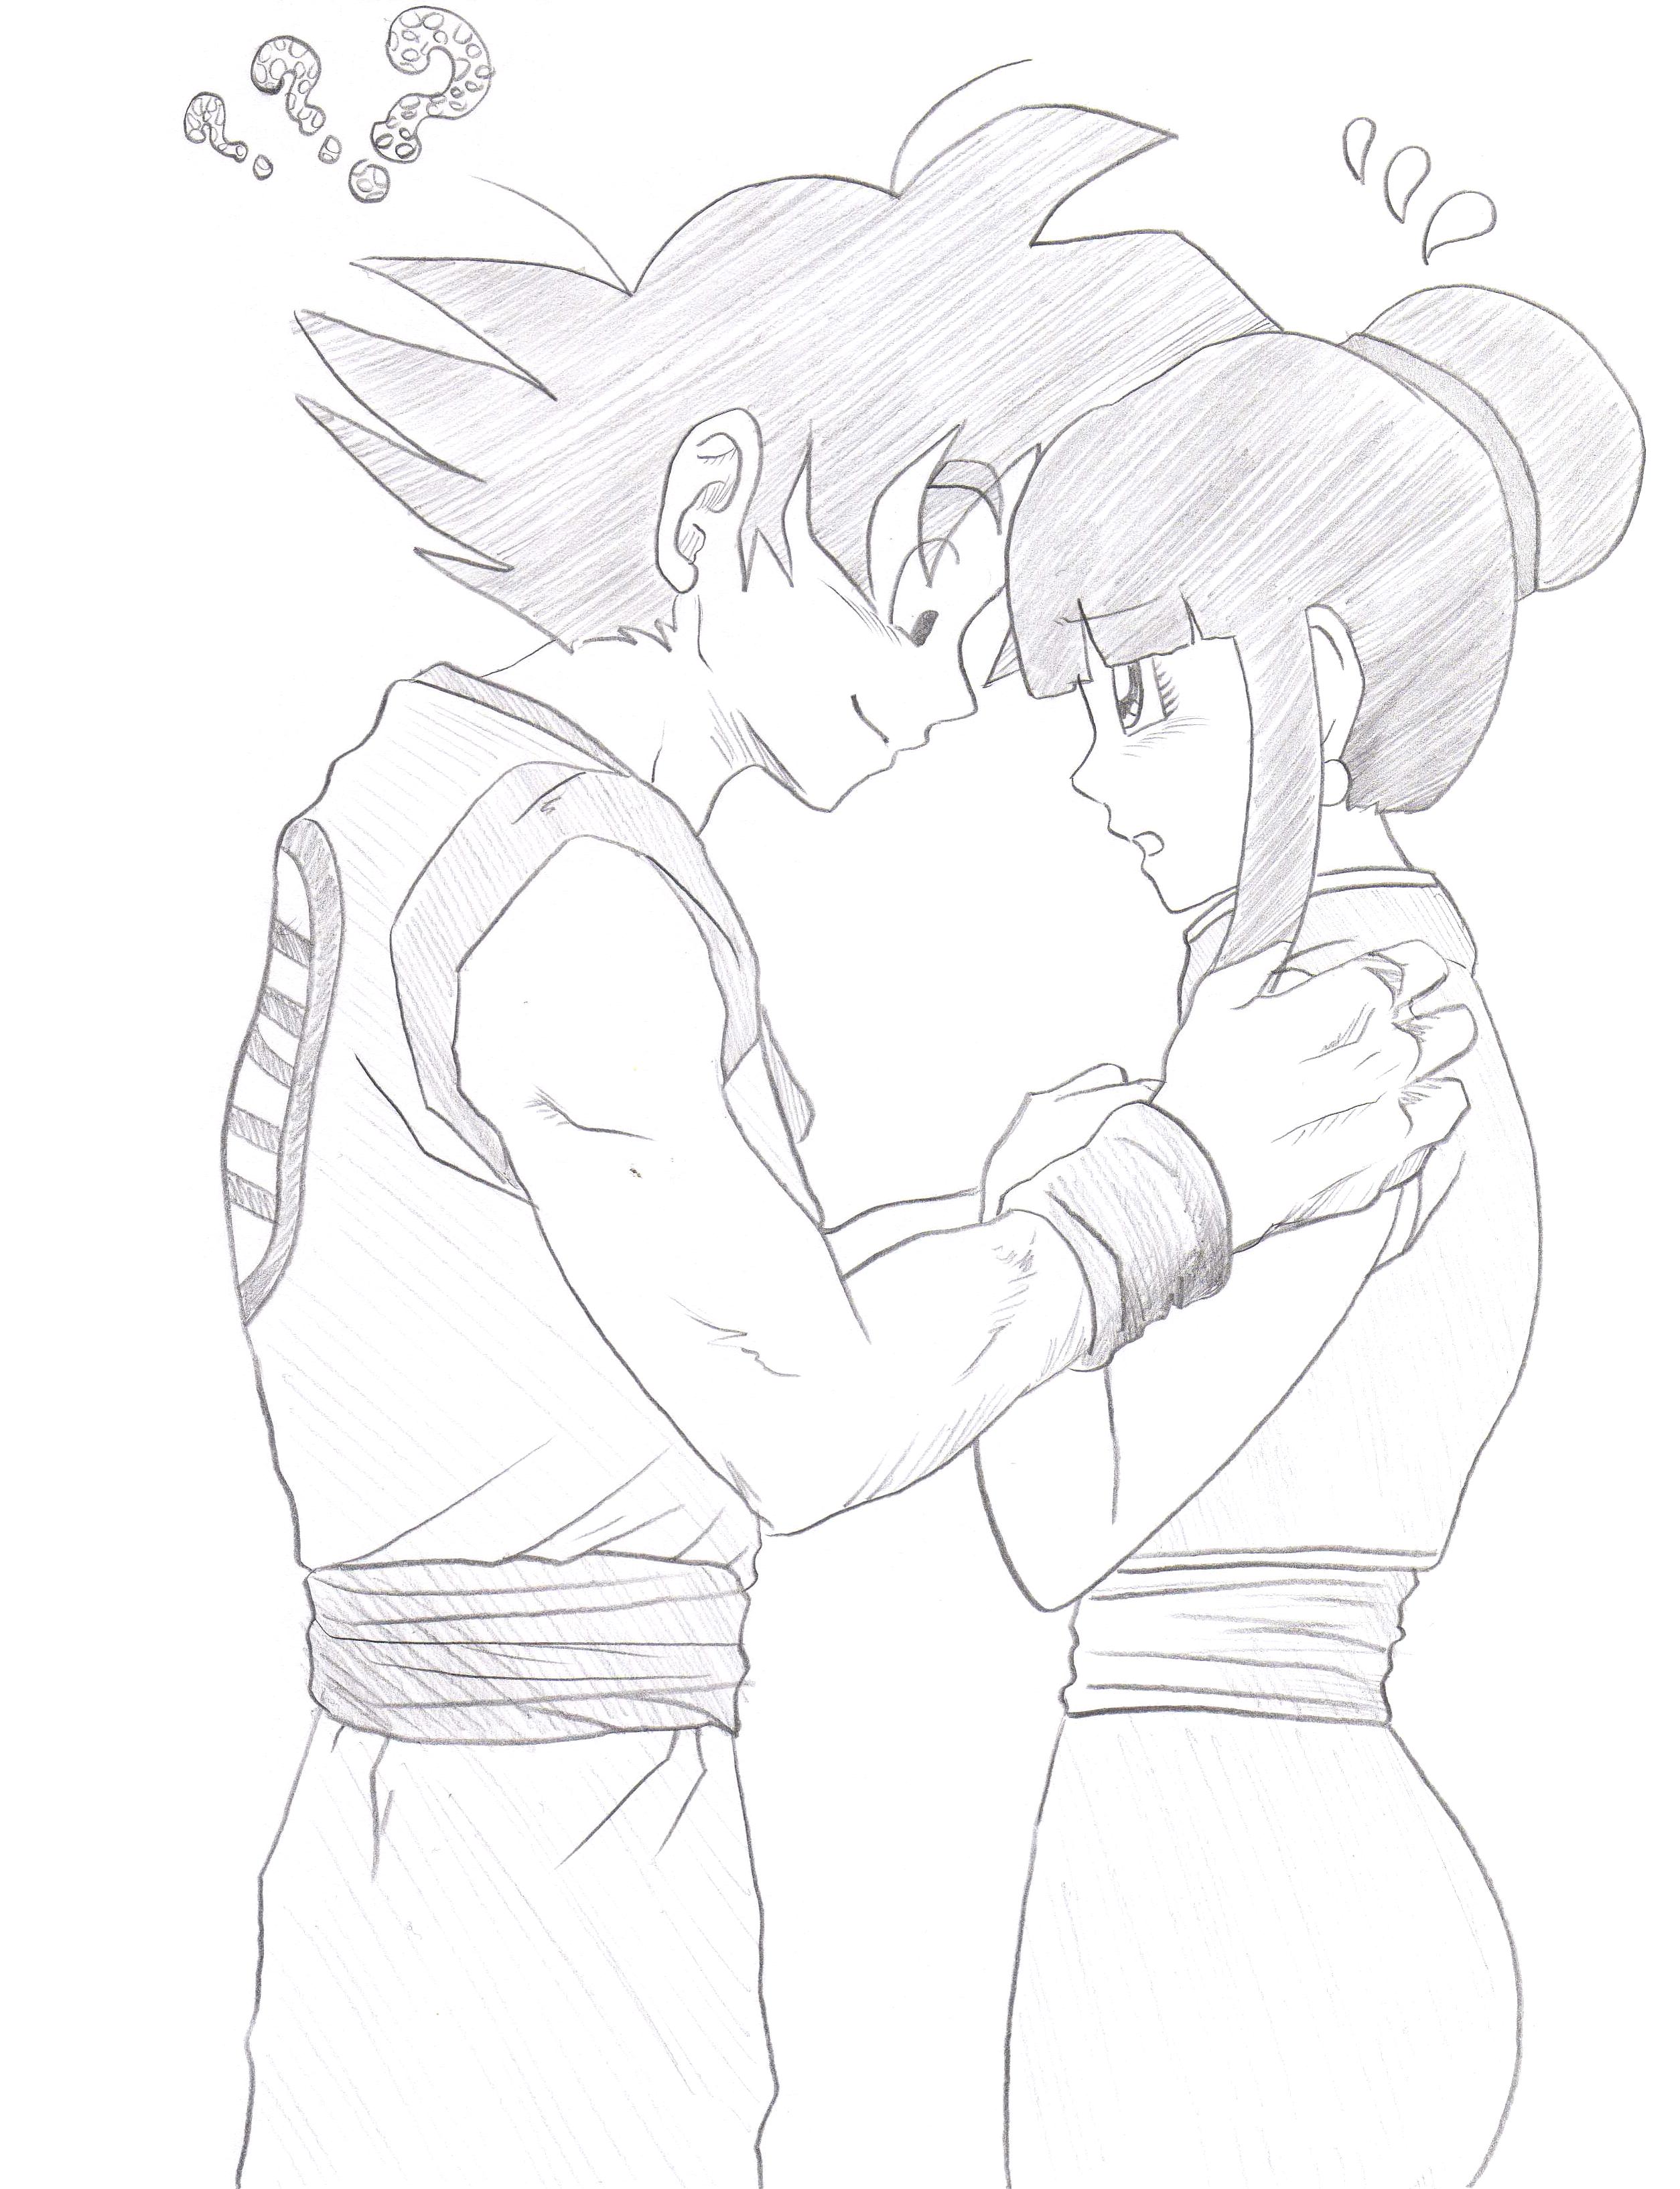 Goku x ChiChi by GoxGo